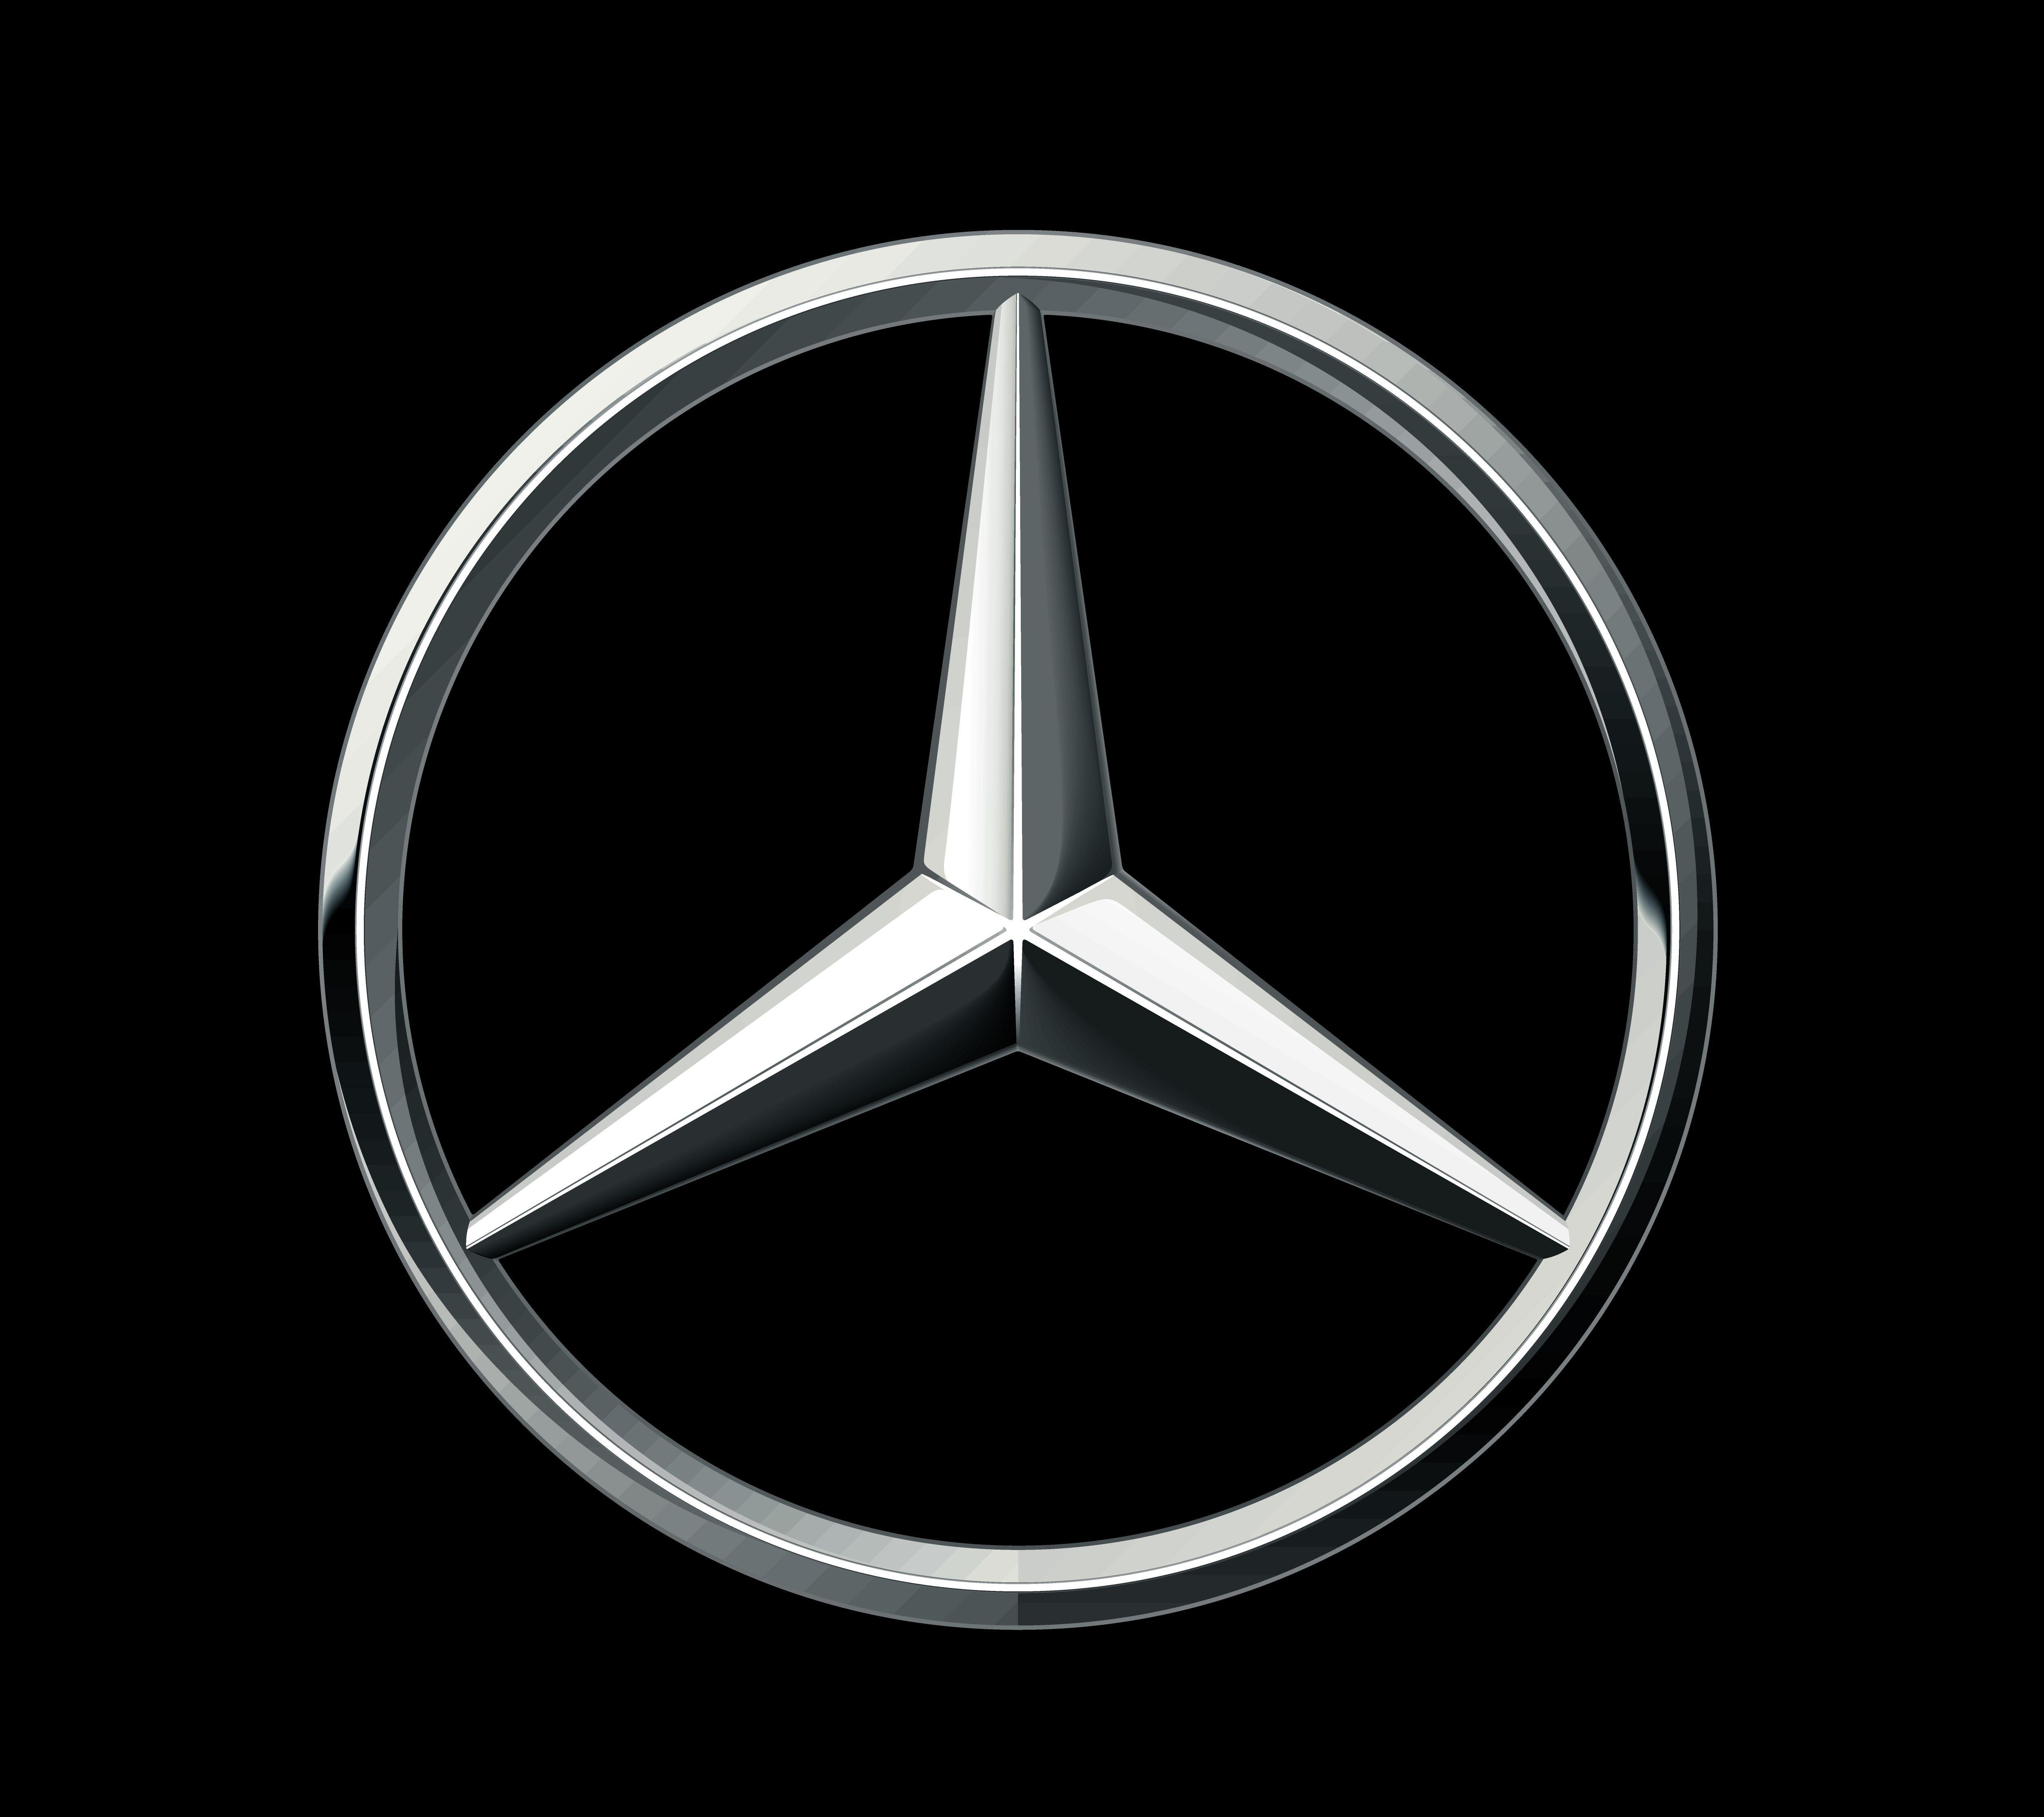 Mercedes symbol.